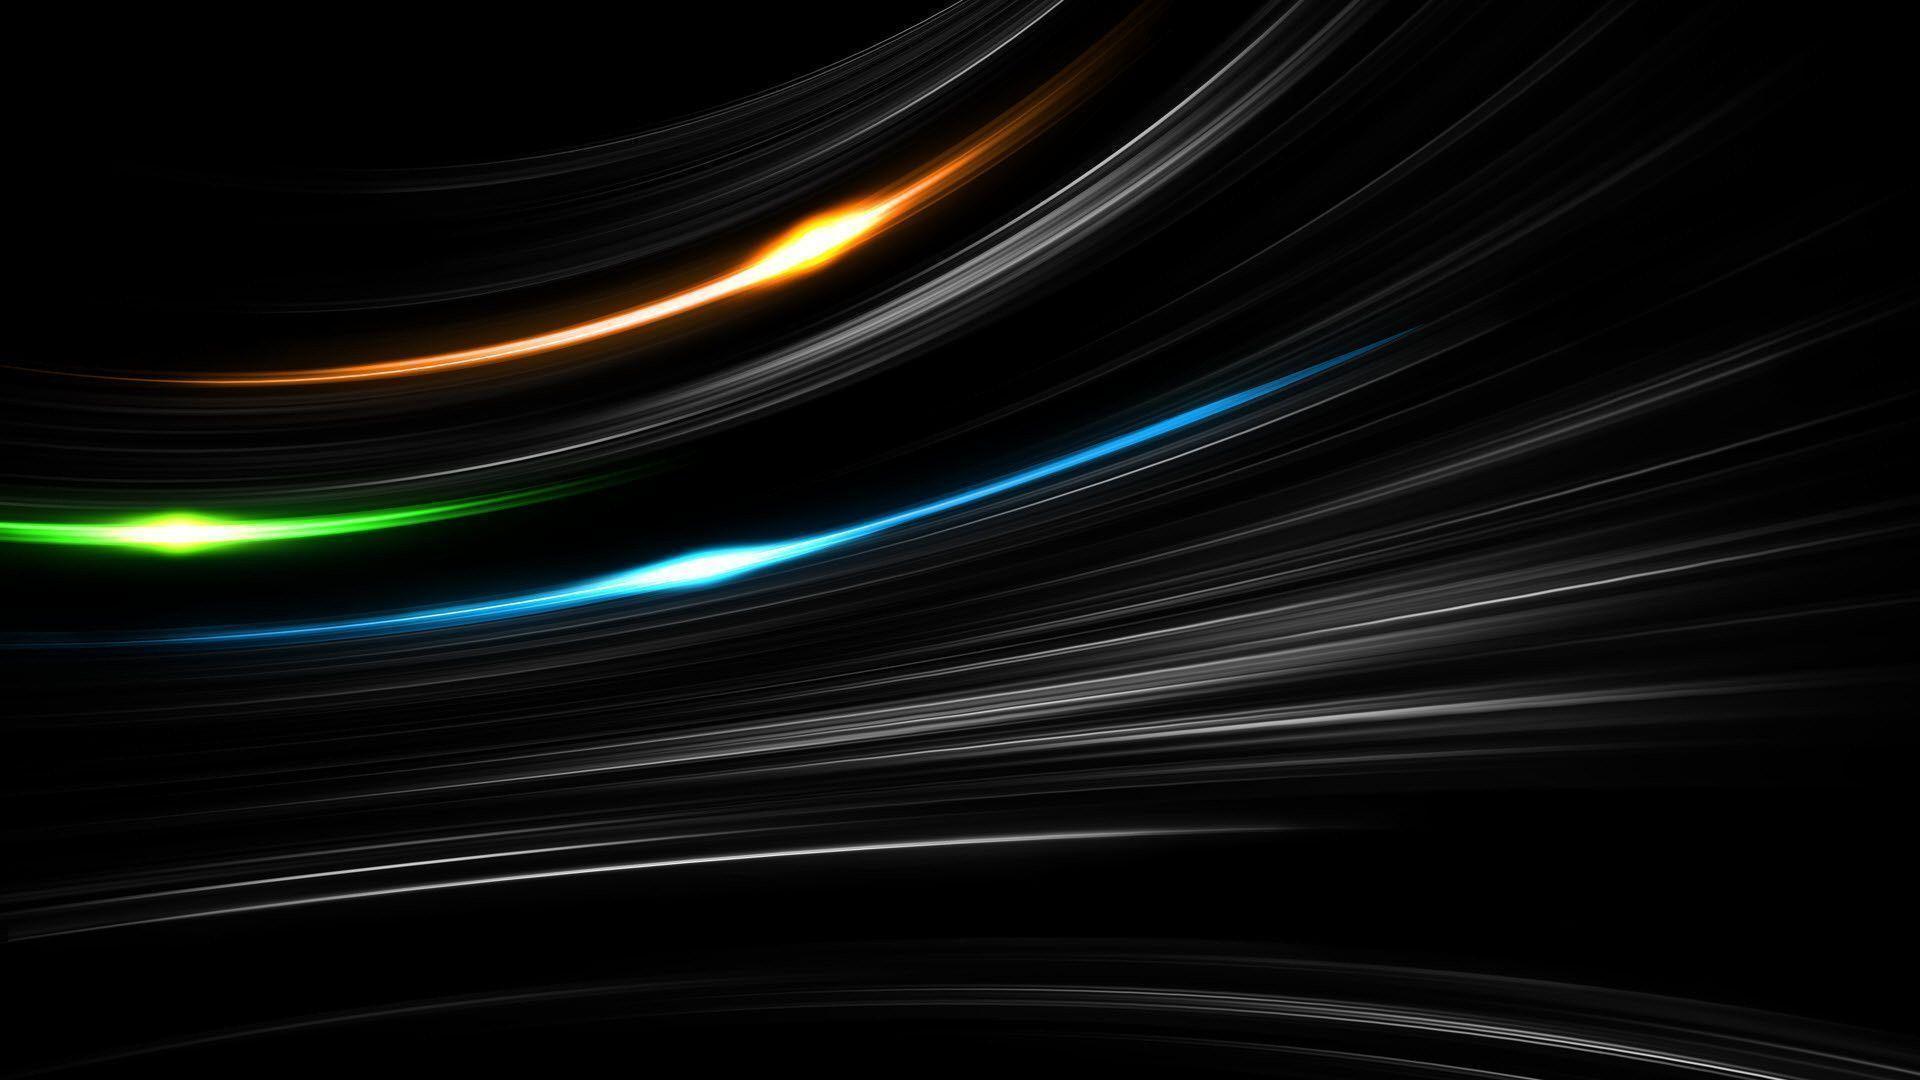 elegant abstract desktop wallpapers - photo #23